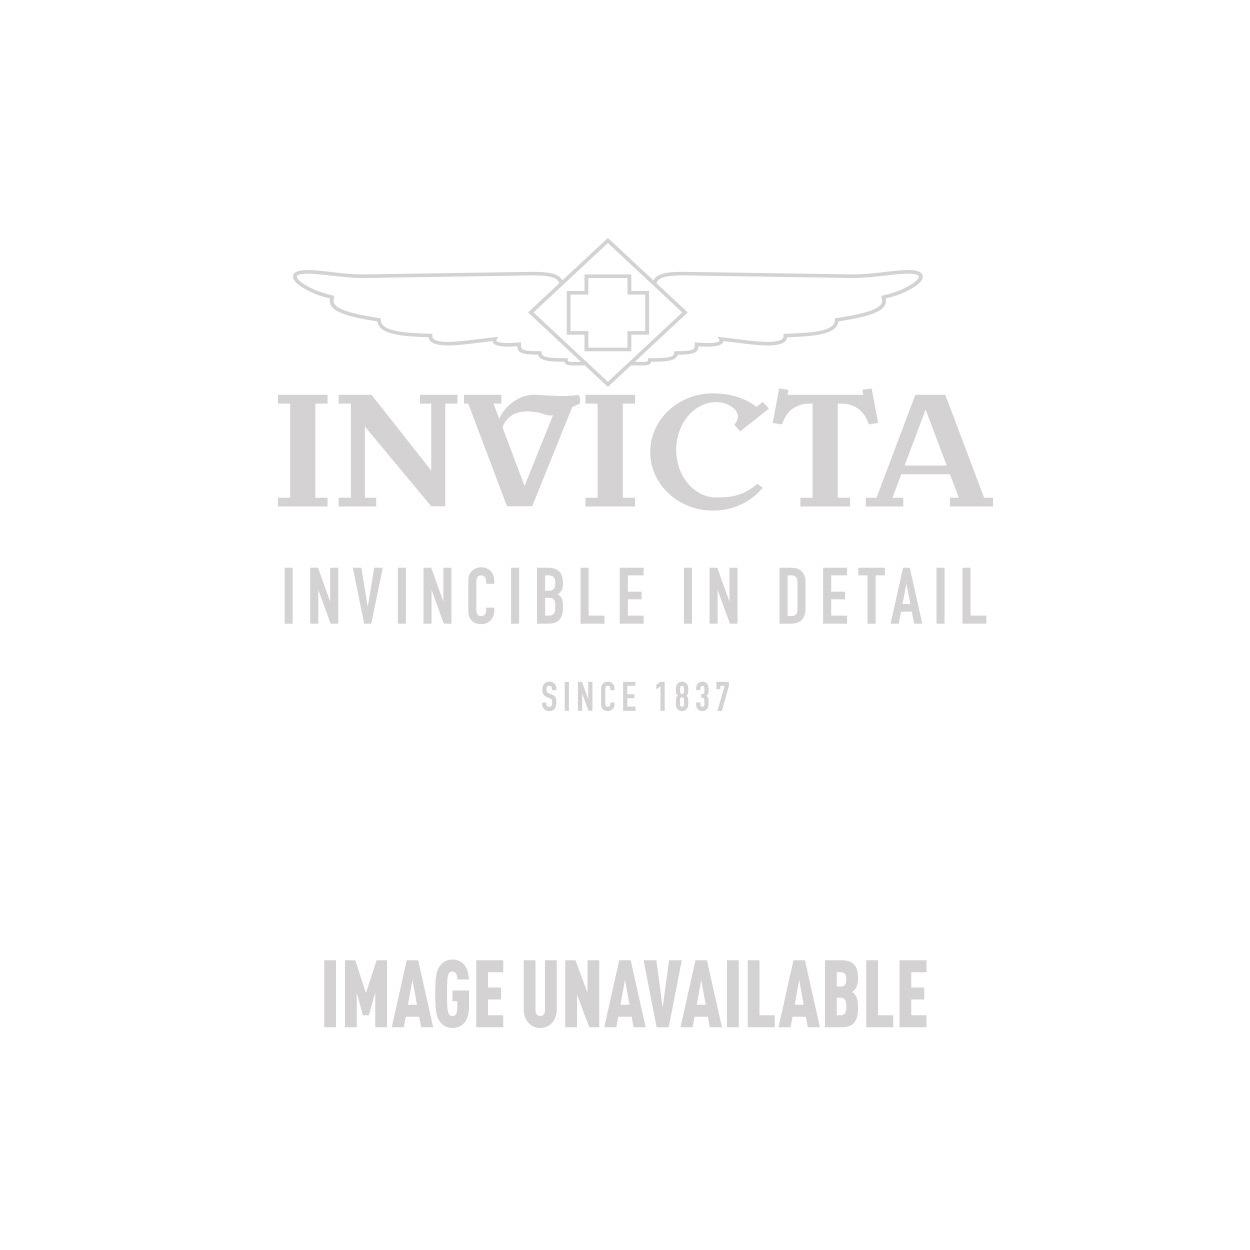 Invicta Model 29007